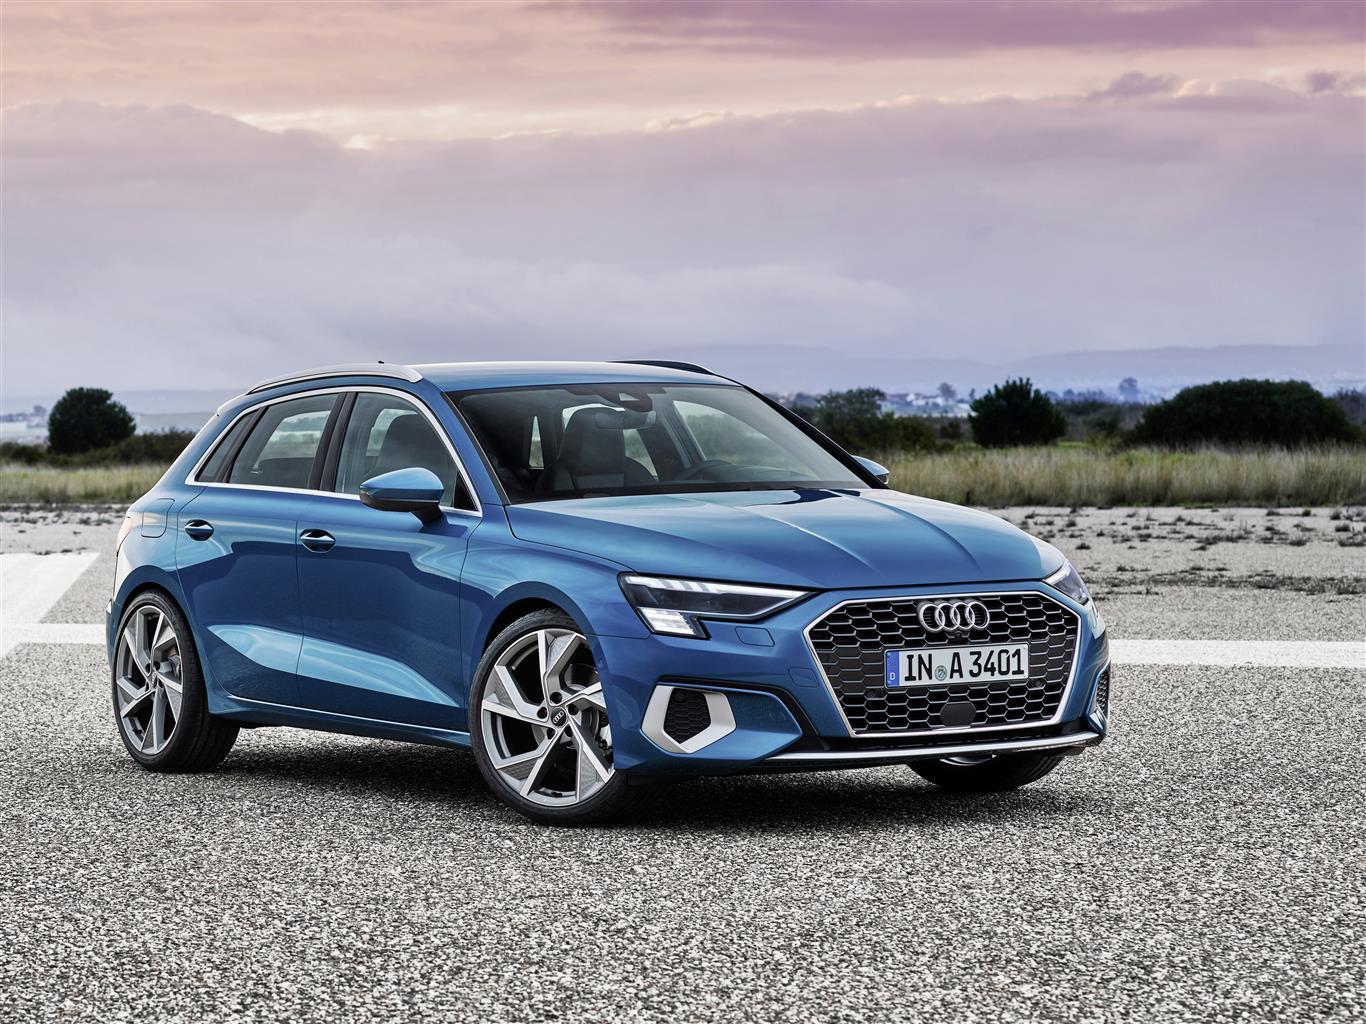 Esterni nuova Audi A3 Sportback